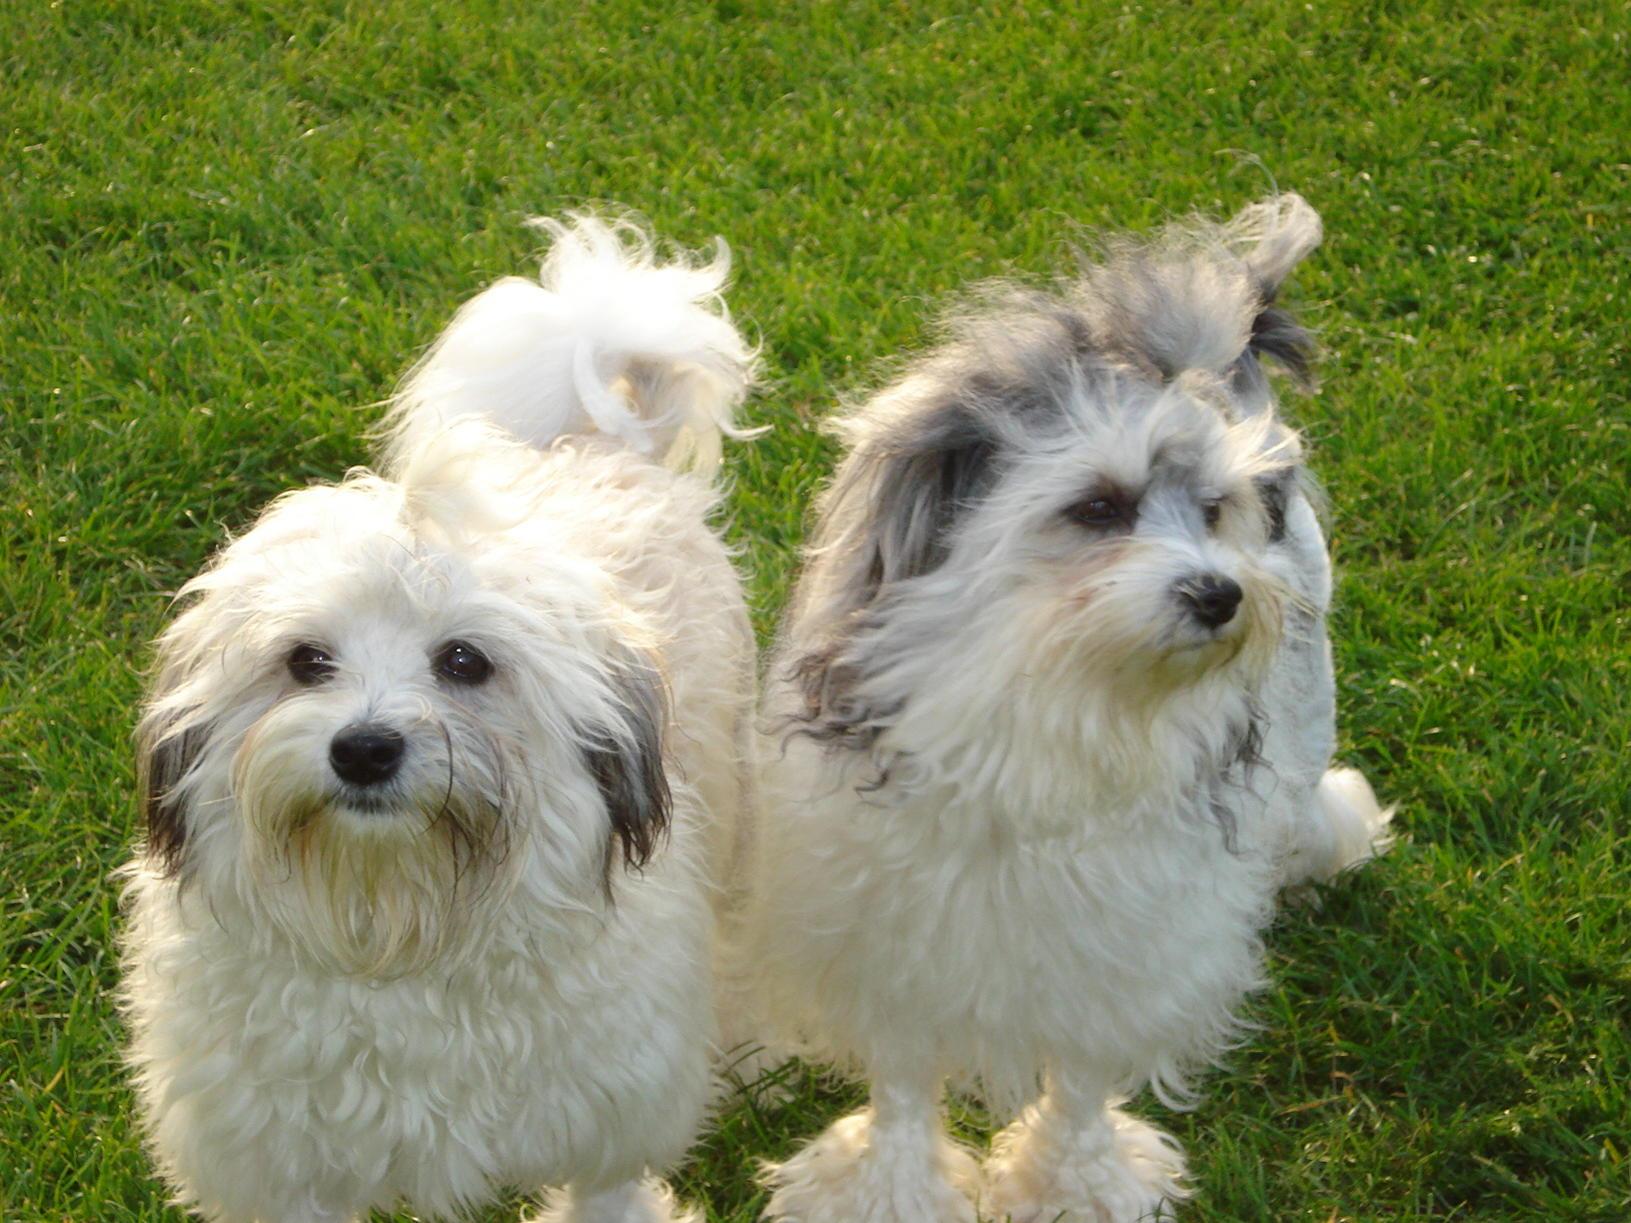 Two cute Löwchen dogs wallpaper